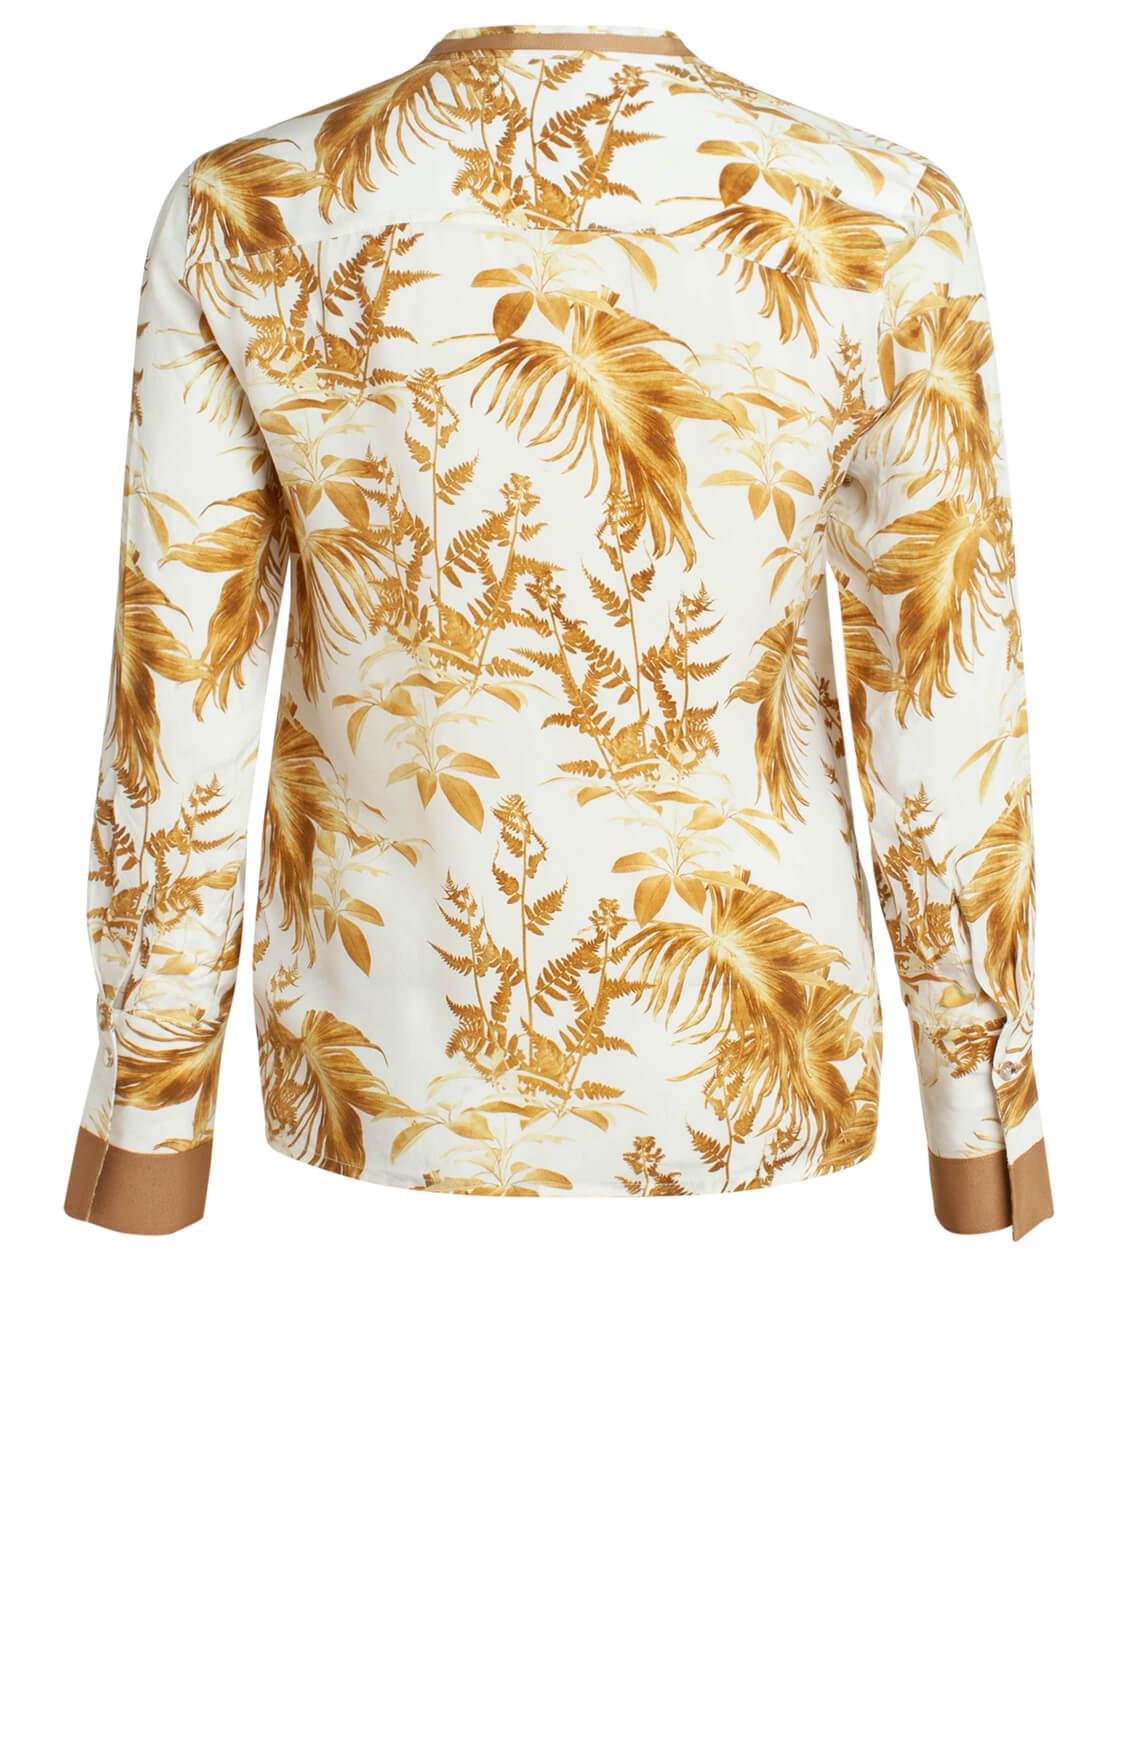 Mos Mosh Dames June cupro blouse Ecru